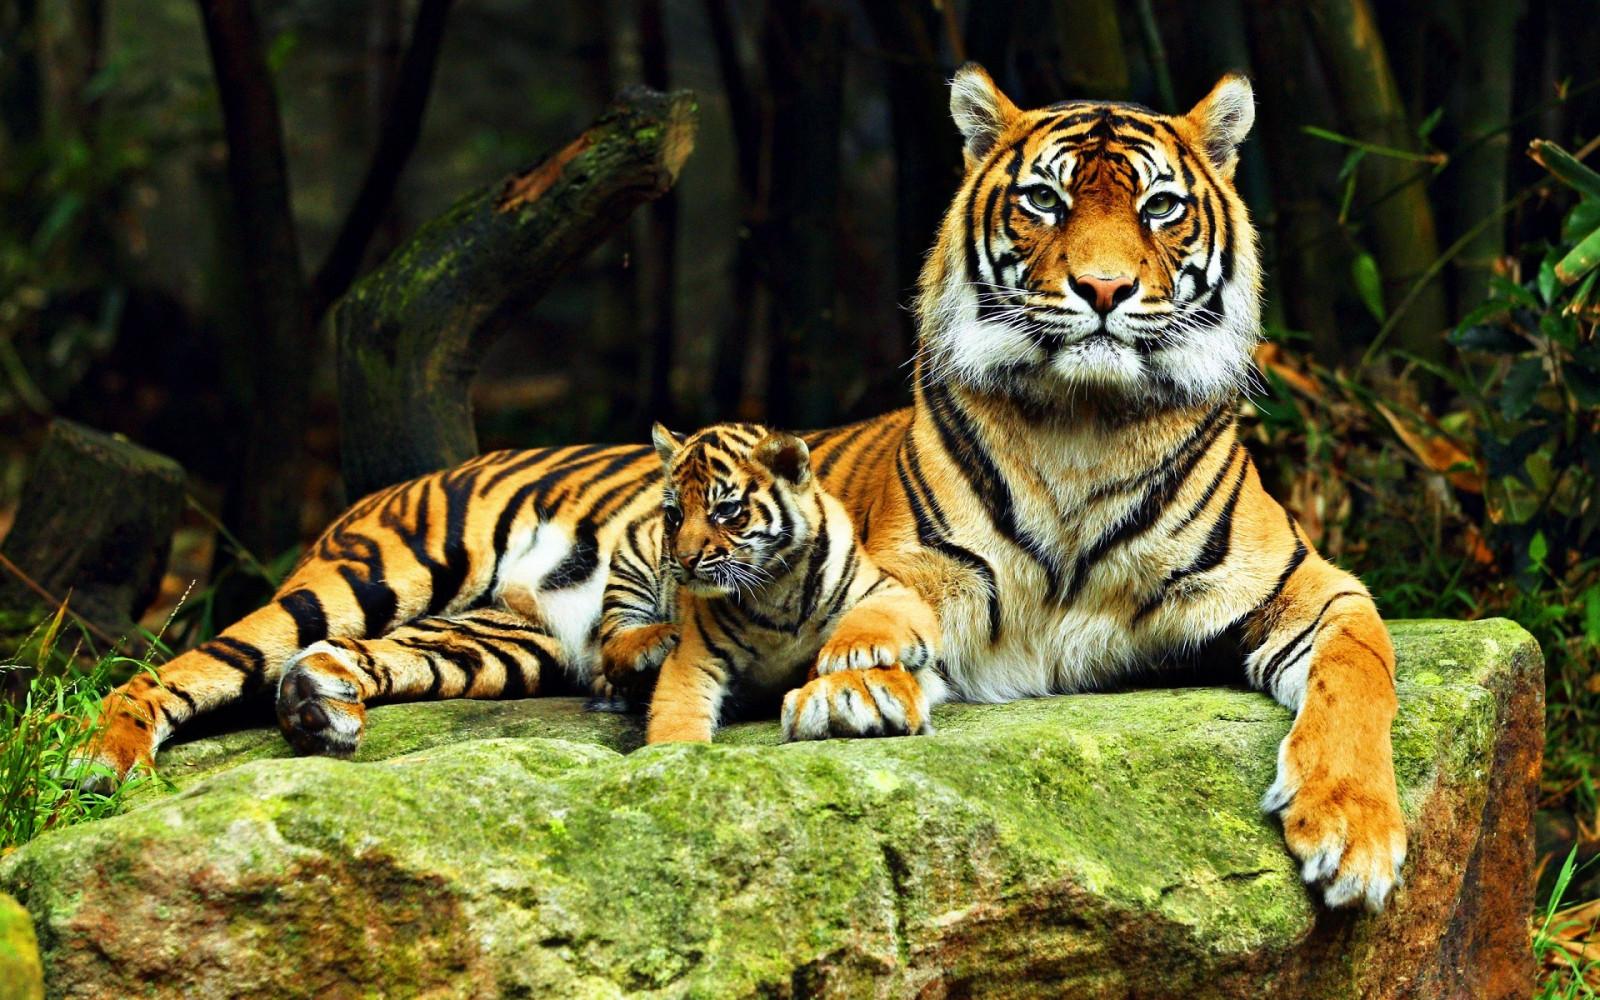 Wallpaper : harimau, margasatwa, kucing besar, Kebun binatang